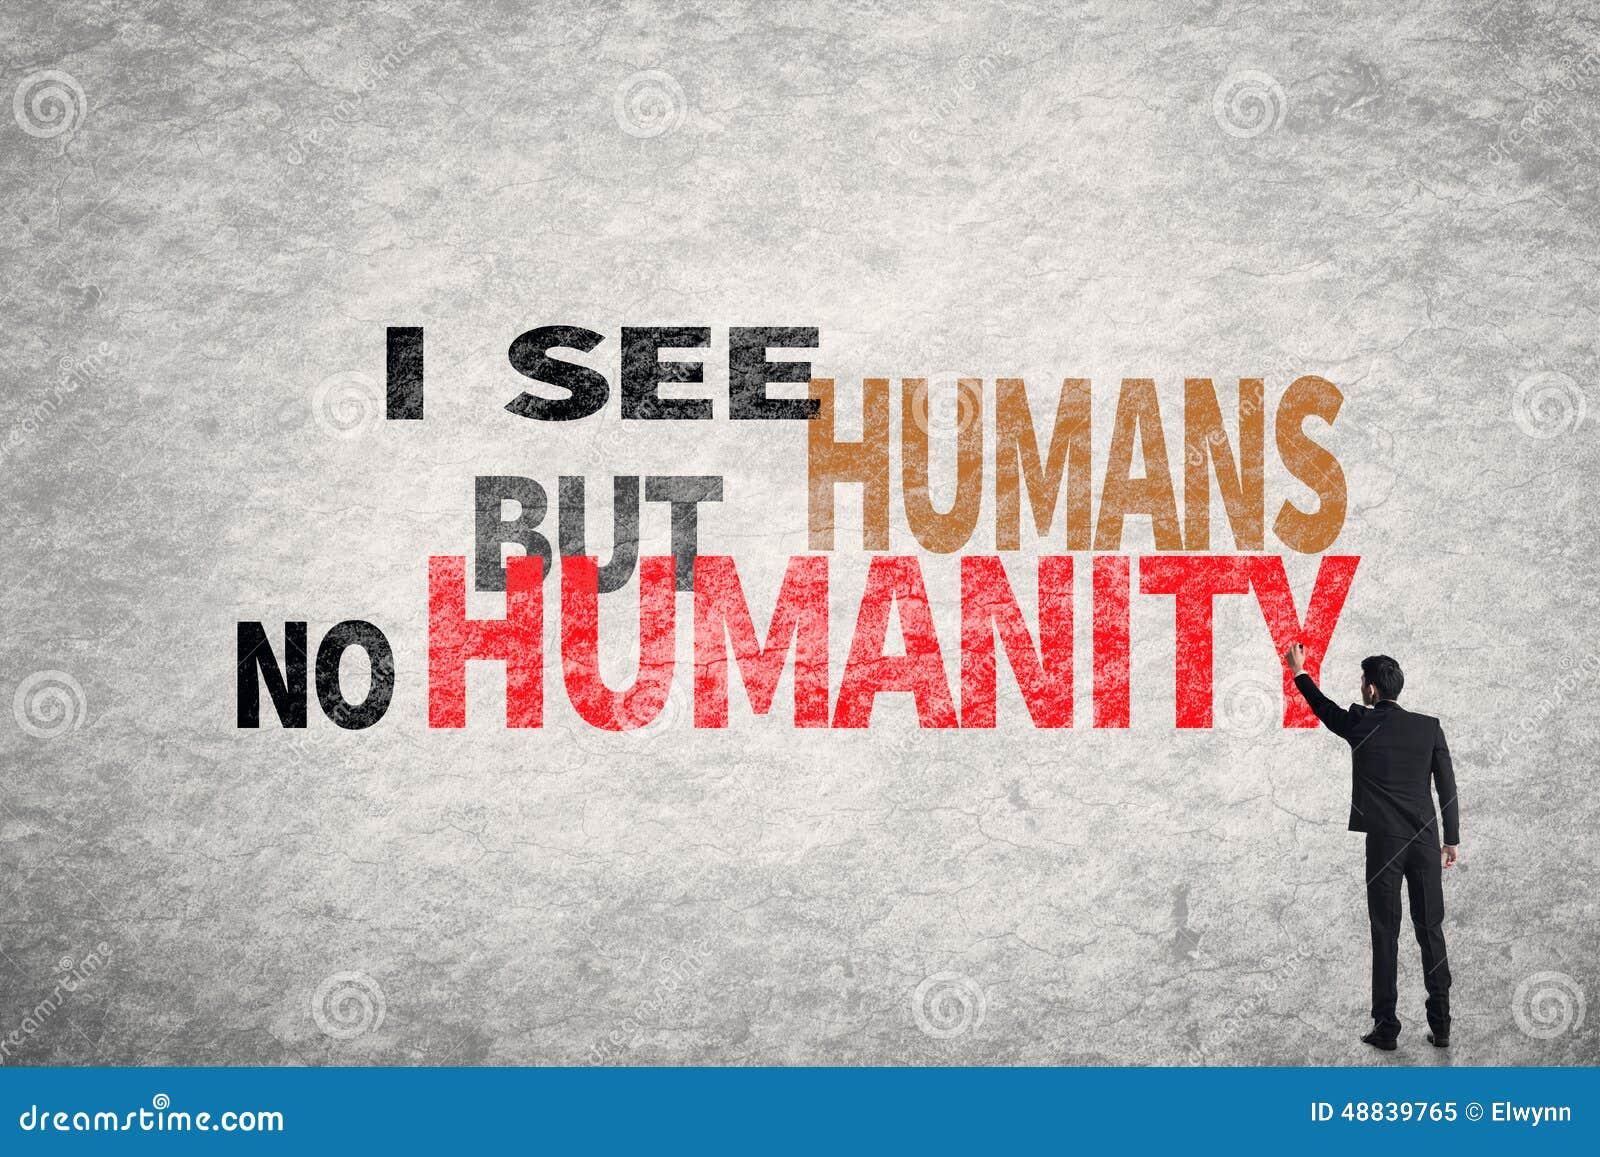 Tekst Op De Muur.Tekst Op Muur Zie Ik Mensen Maar Het Geen Mensdom Stock Afbeelding